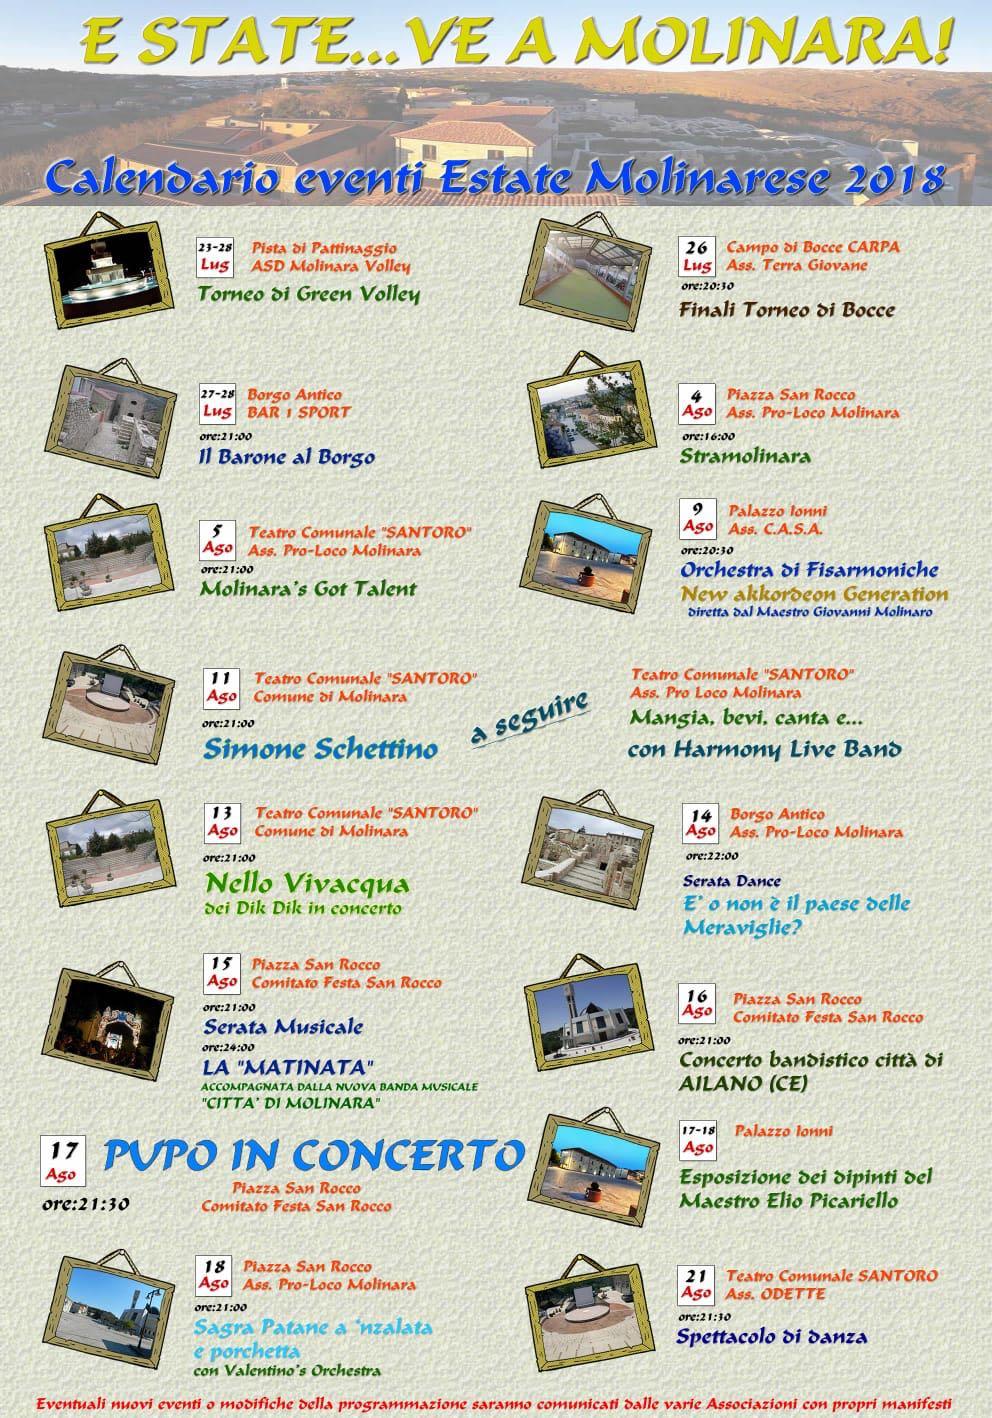 Estate ricca di eventi a Molinara. Il 17 agosto Pupo in concerto